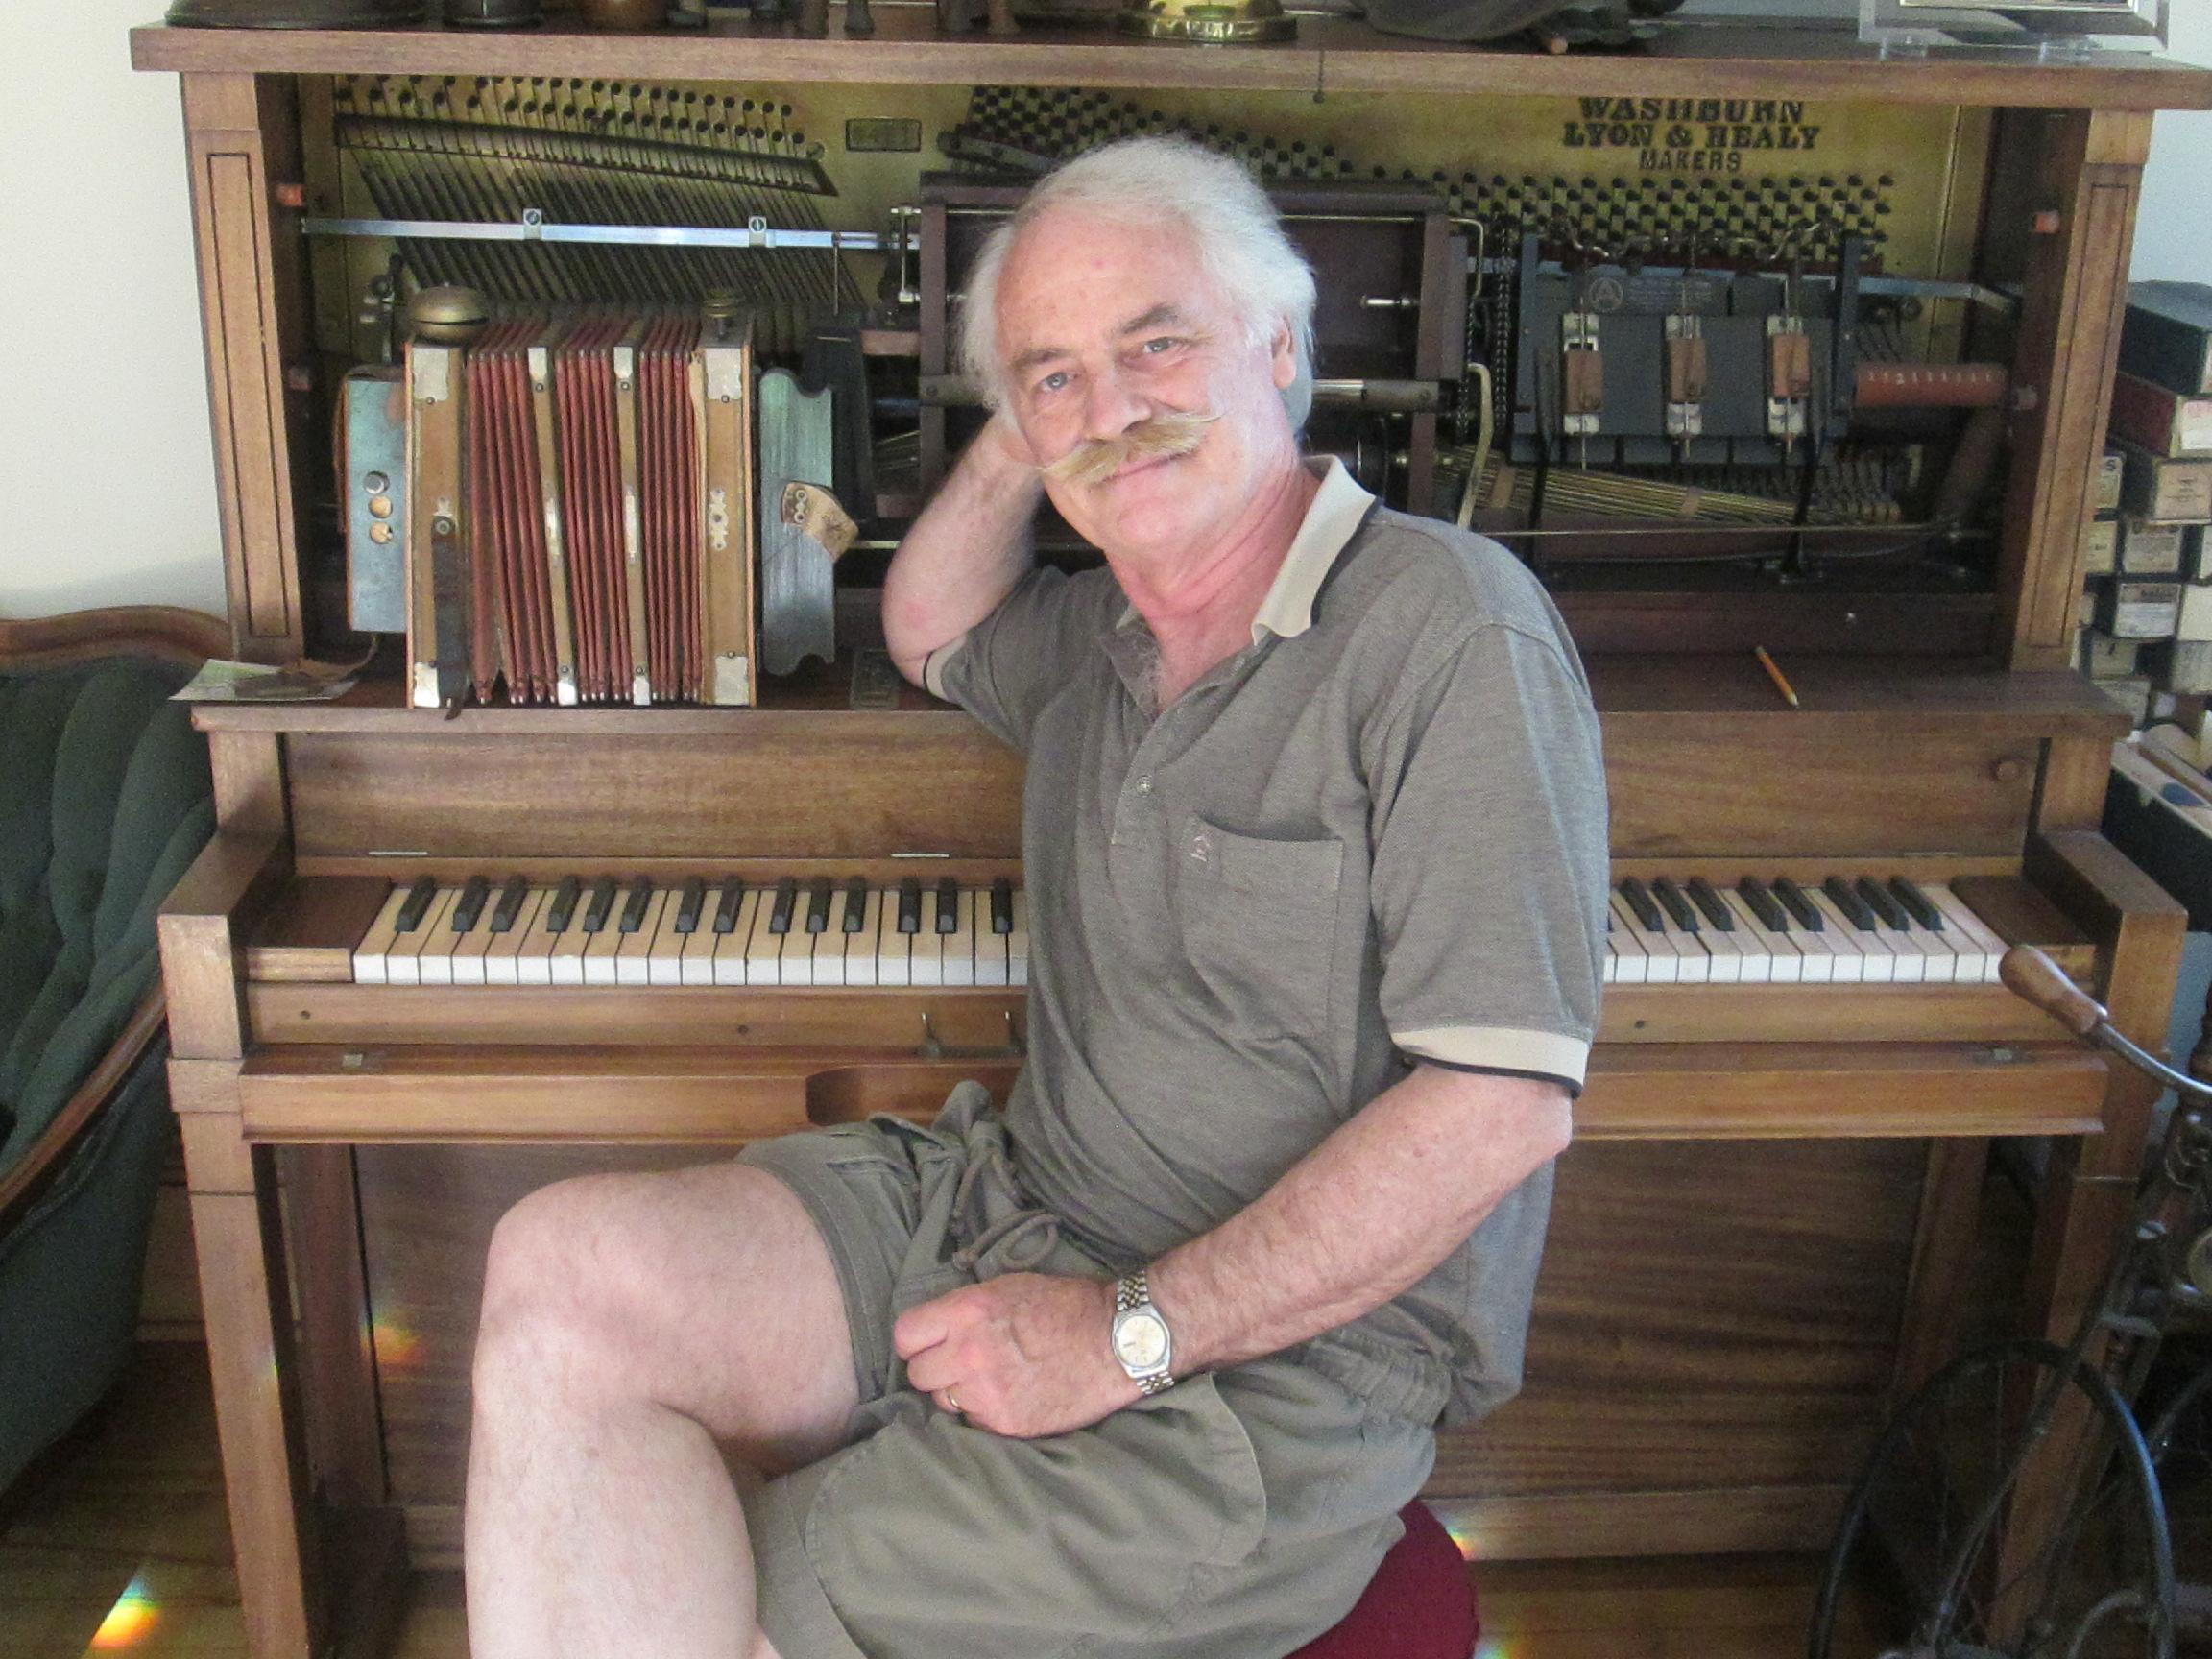 Caption: Scott Crosbie at the piano, Credit: Phil Nusbaum